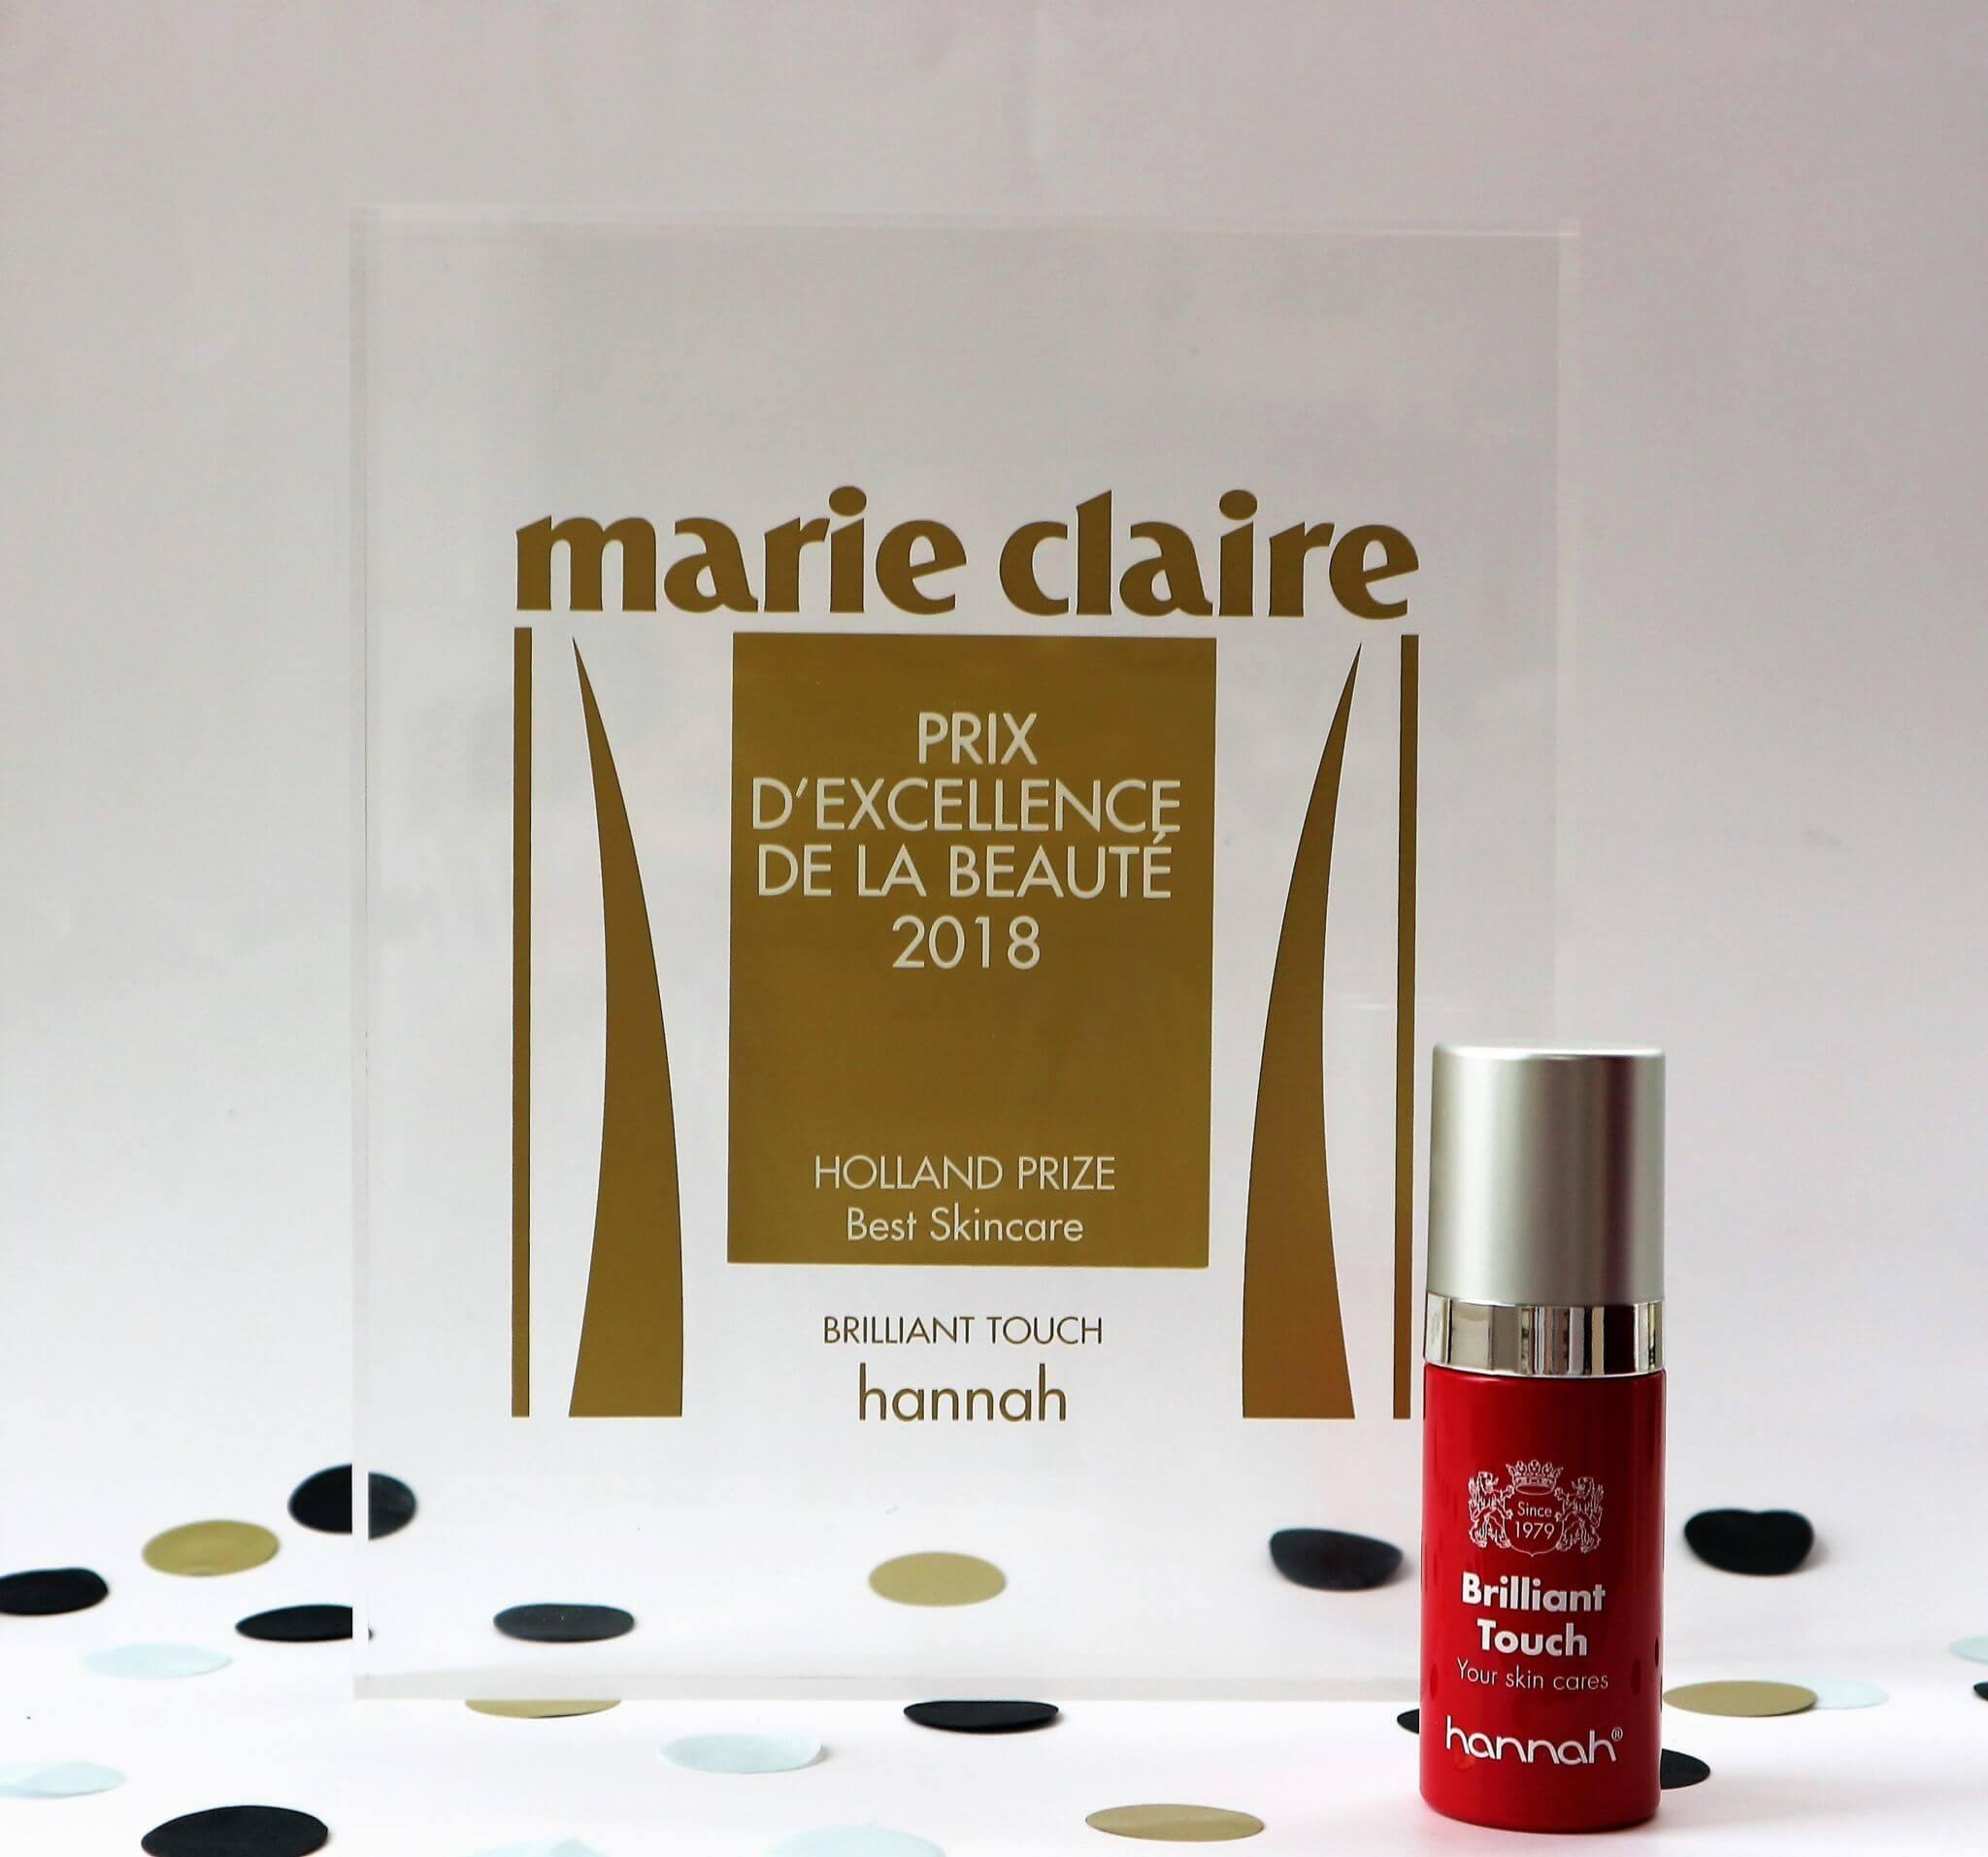 Marie Claire de Prix d'Excellence de la Beauté